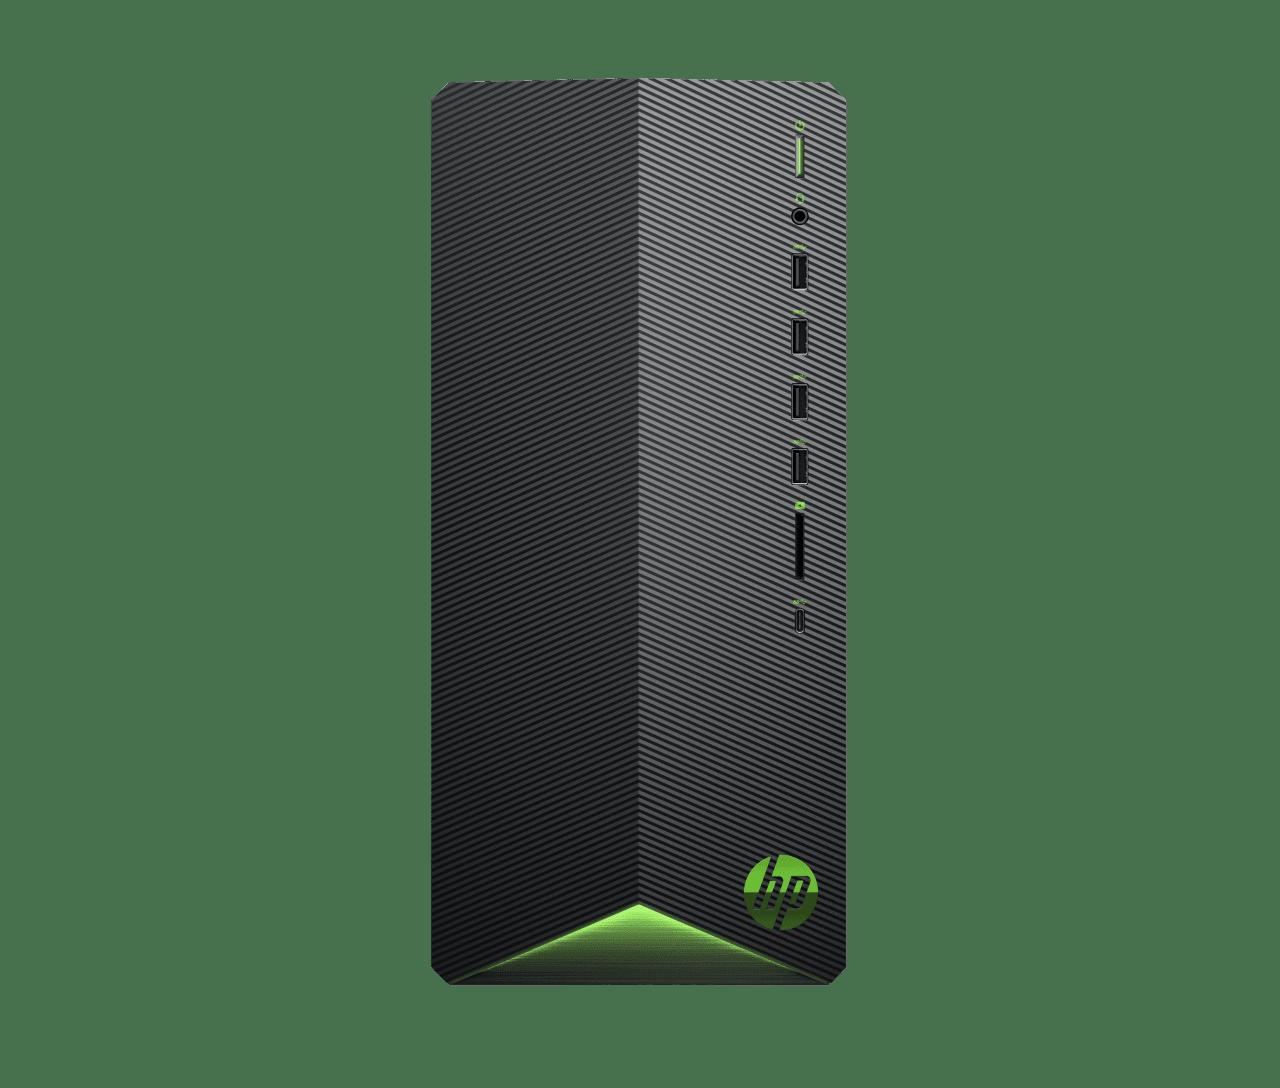 Schwarz HP Pavilion Gaming Desktop TG01-0023ng.1